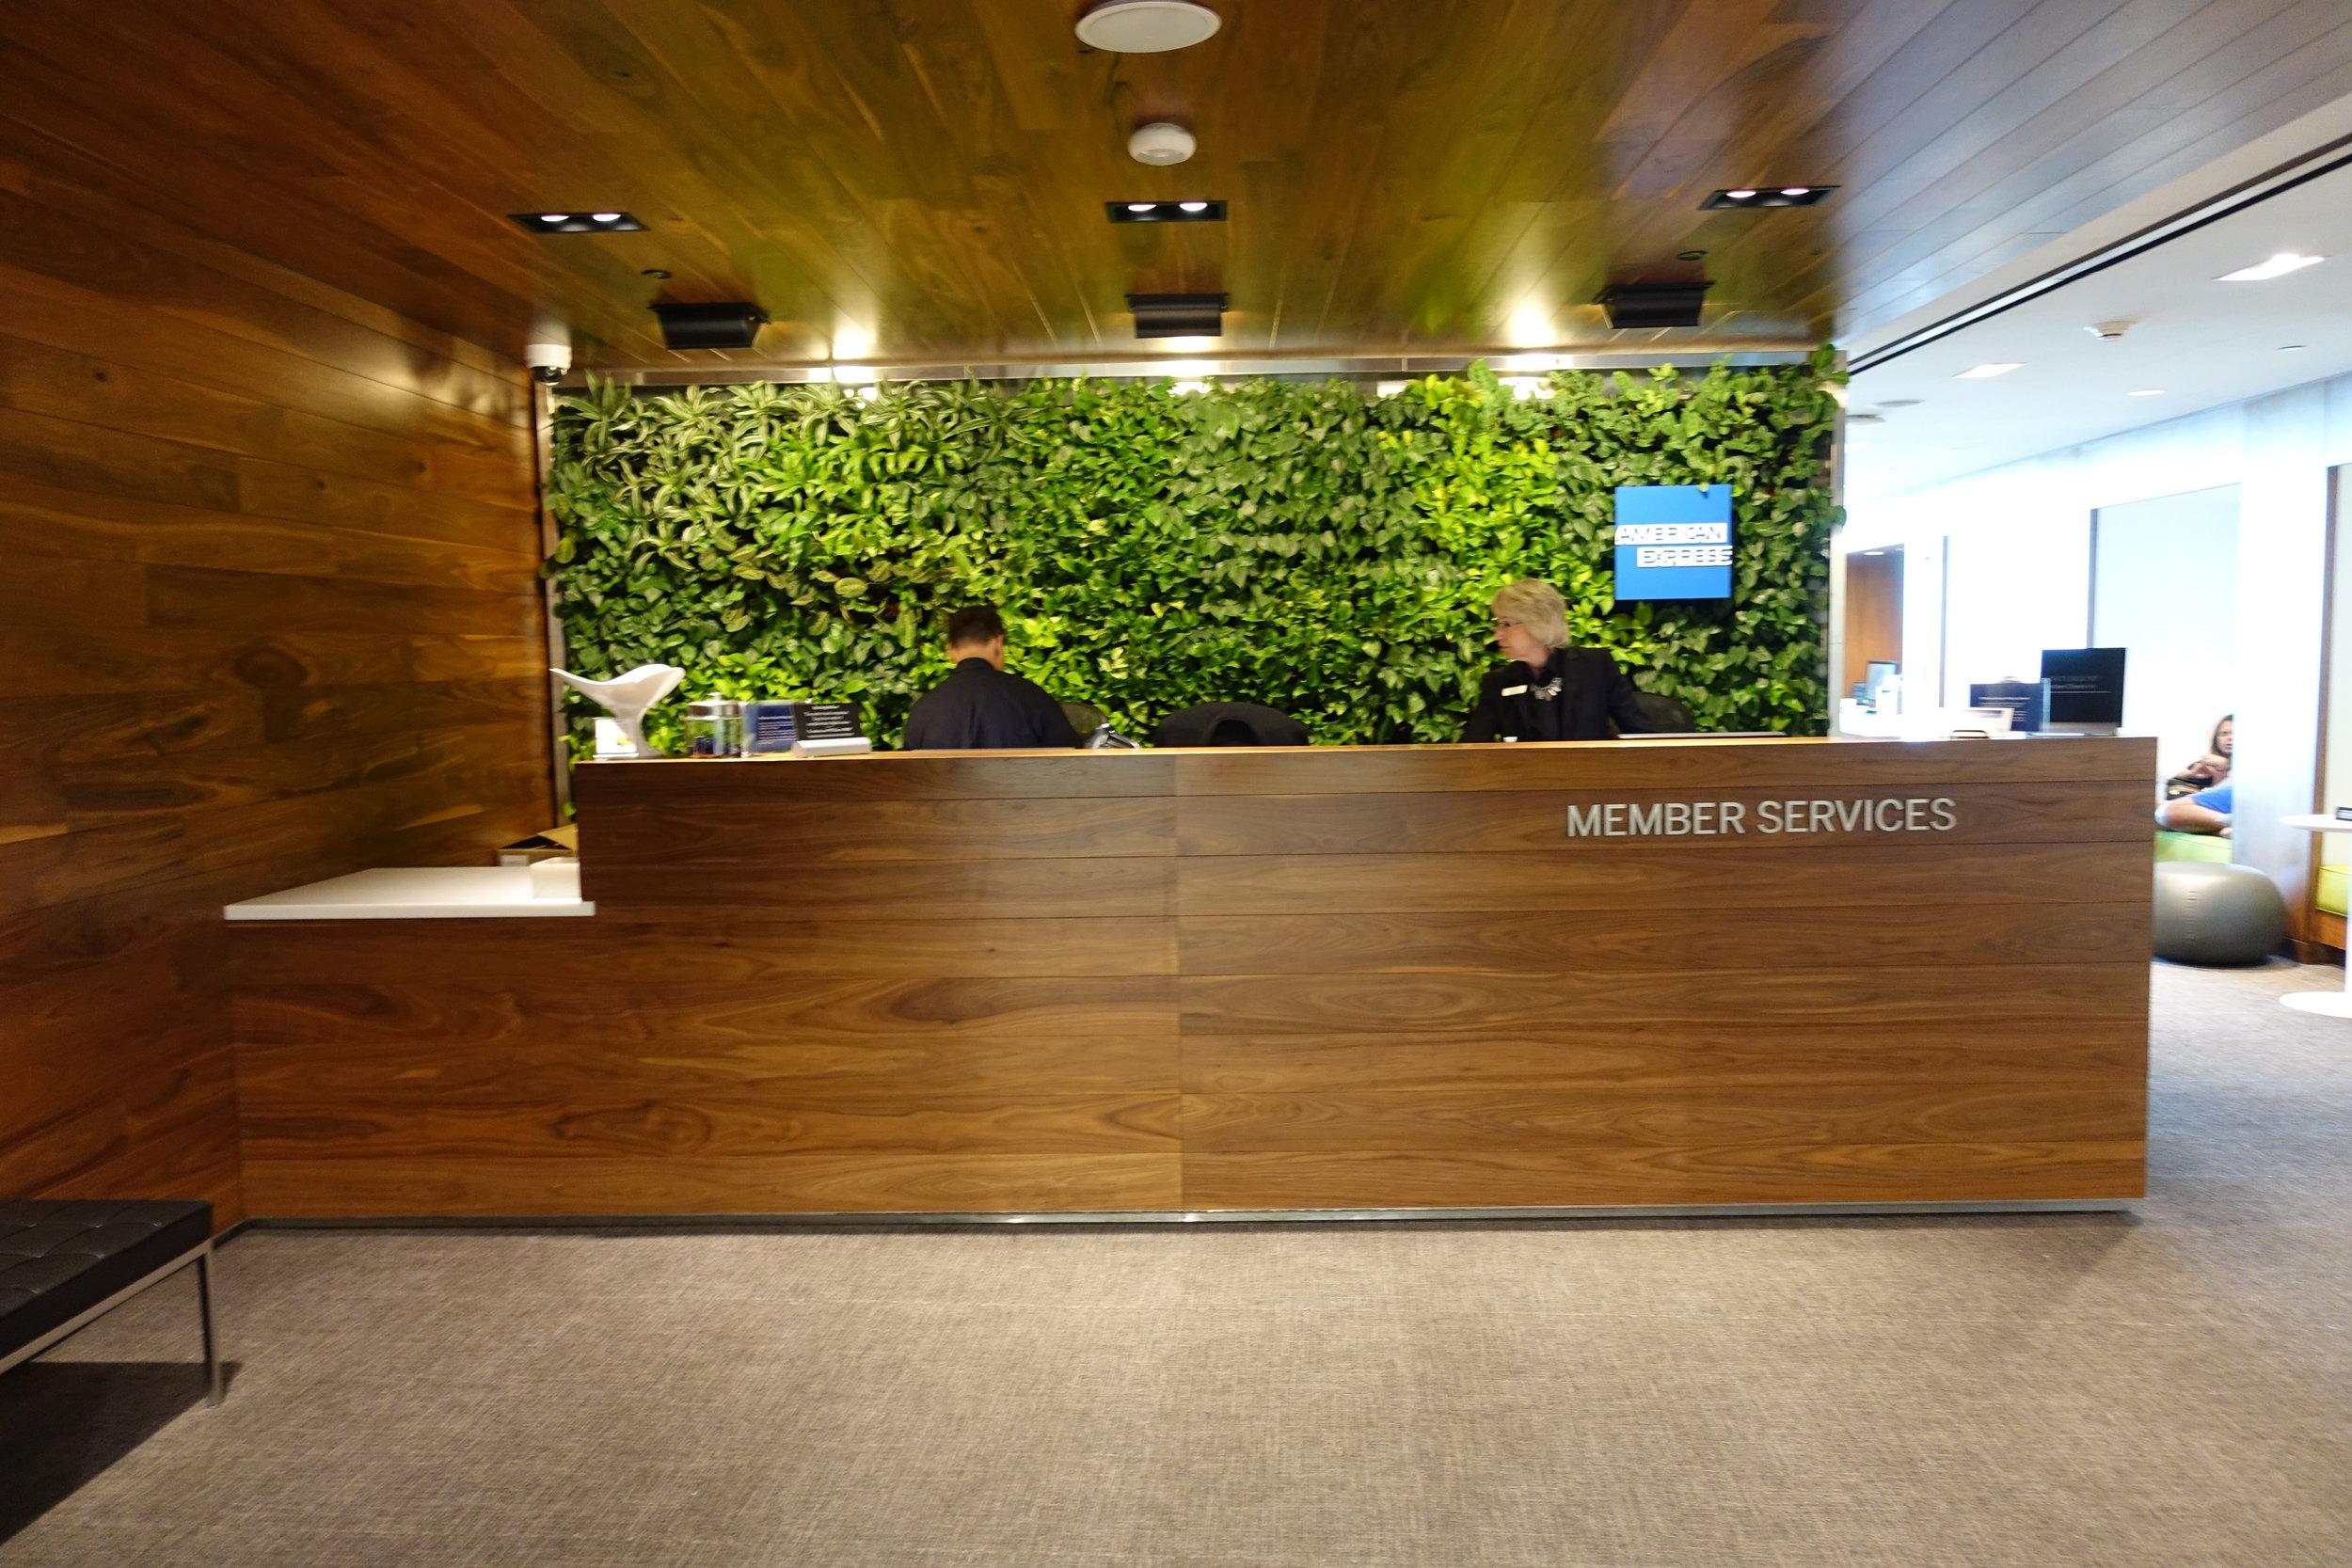 Member services desk